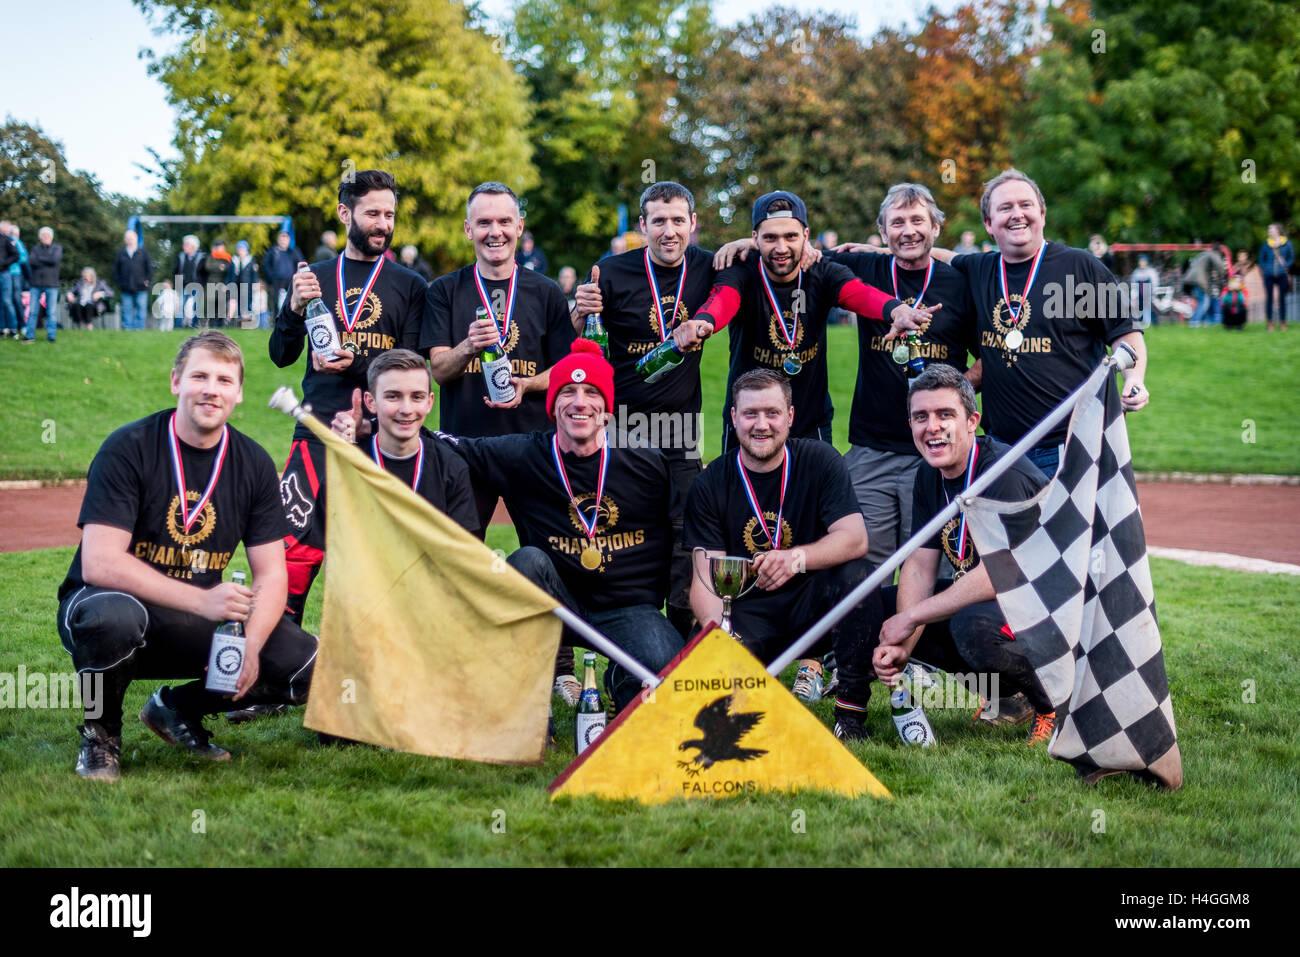 Edimburgo, Reino Unido. 16 Oct, 2016. Edimburgo halcones Ciclismo Club Speedway conmemorar la conquista de la Liga Imagen De Stock